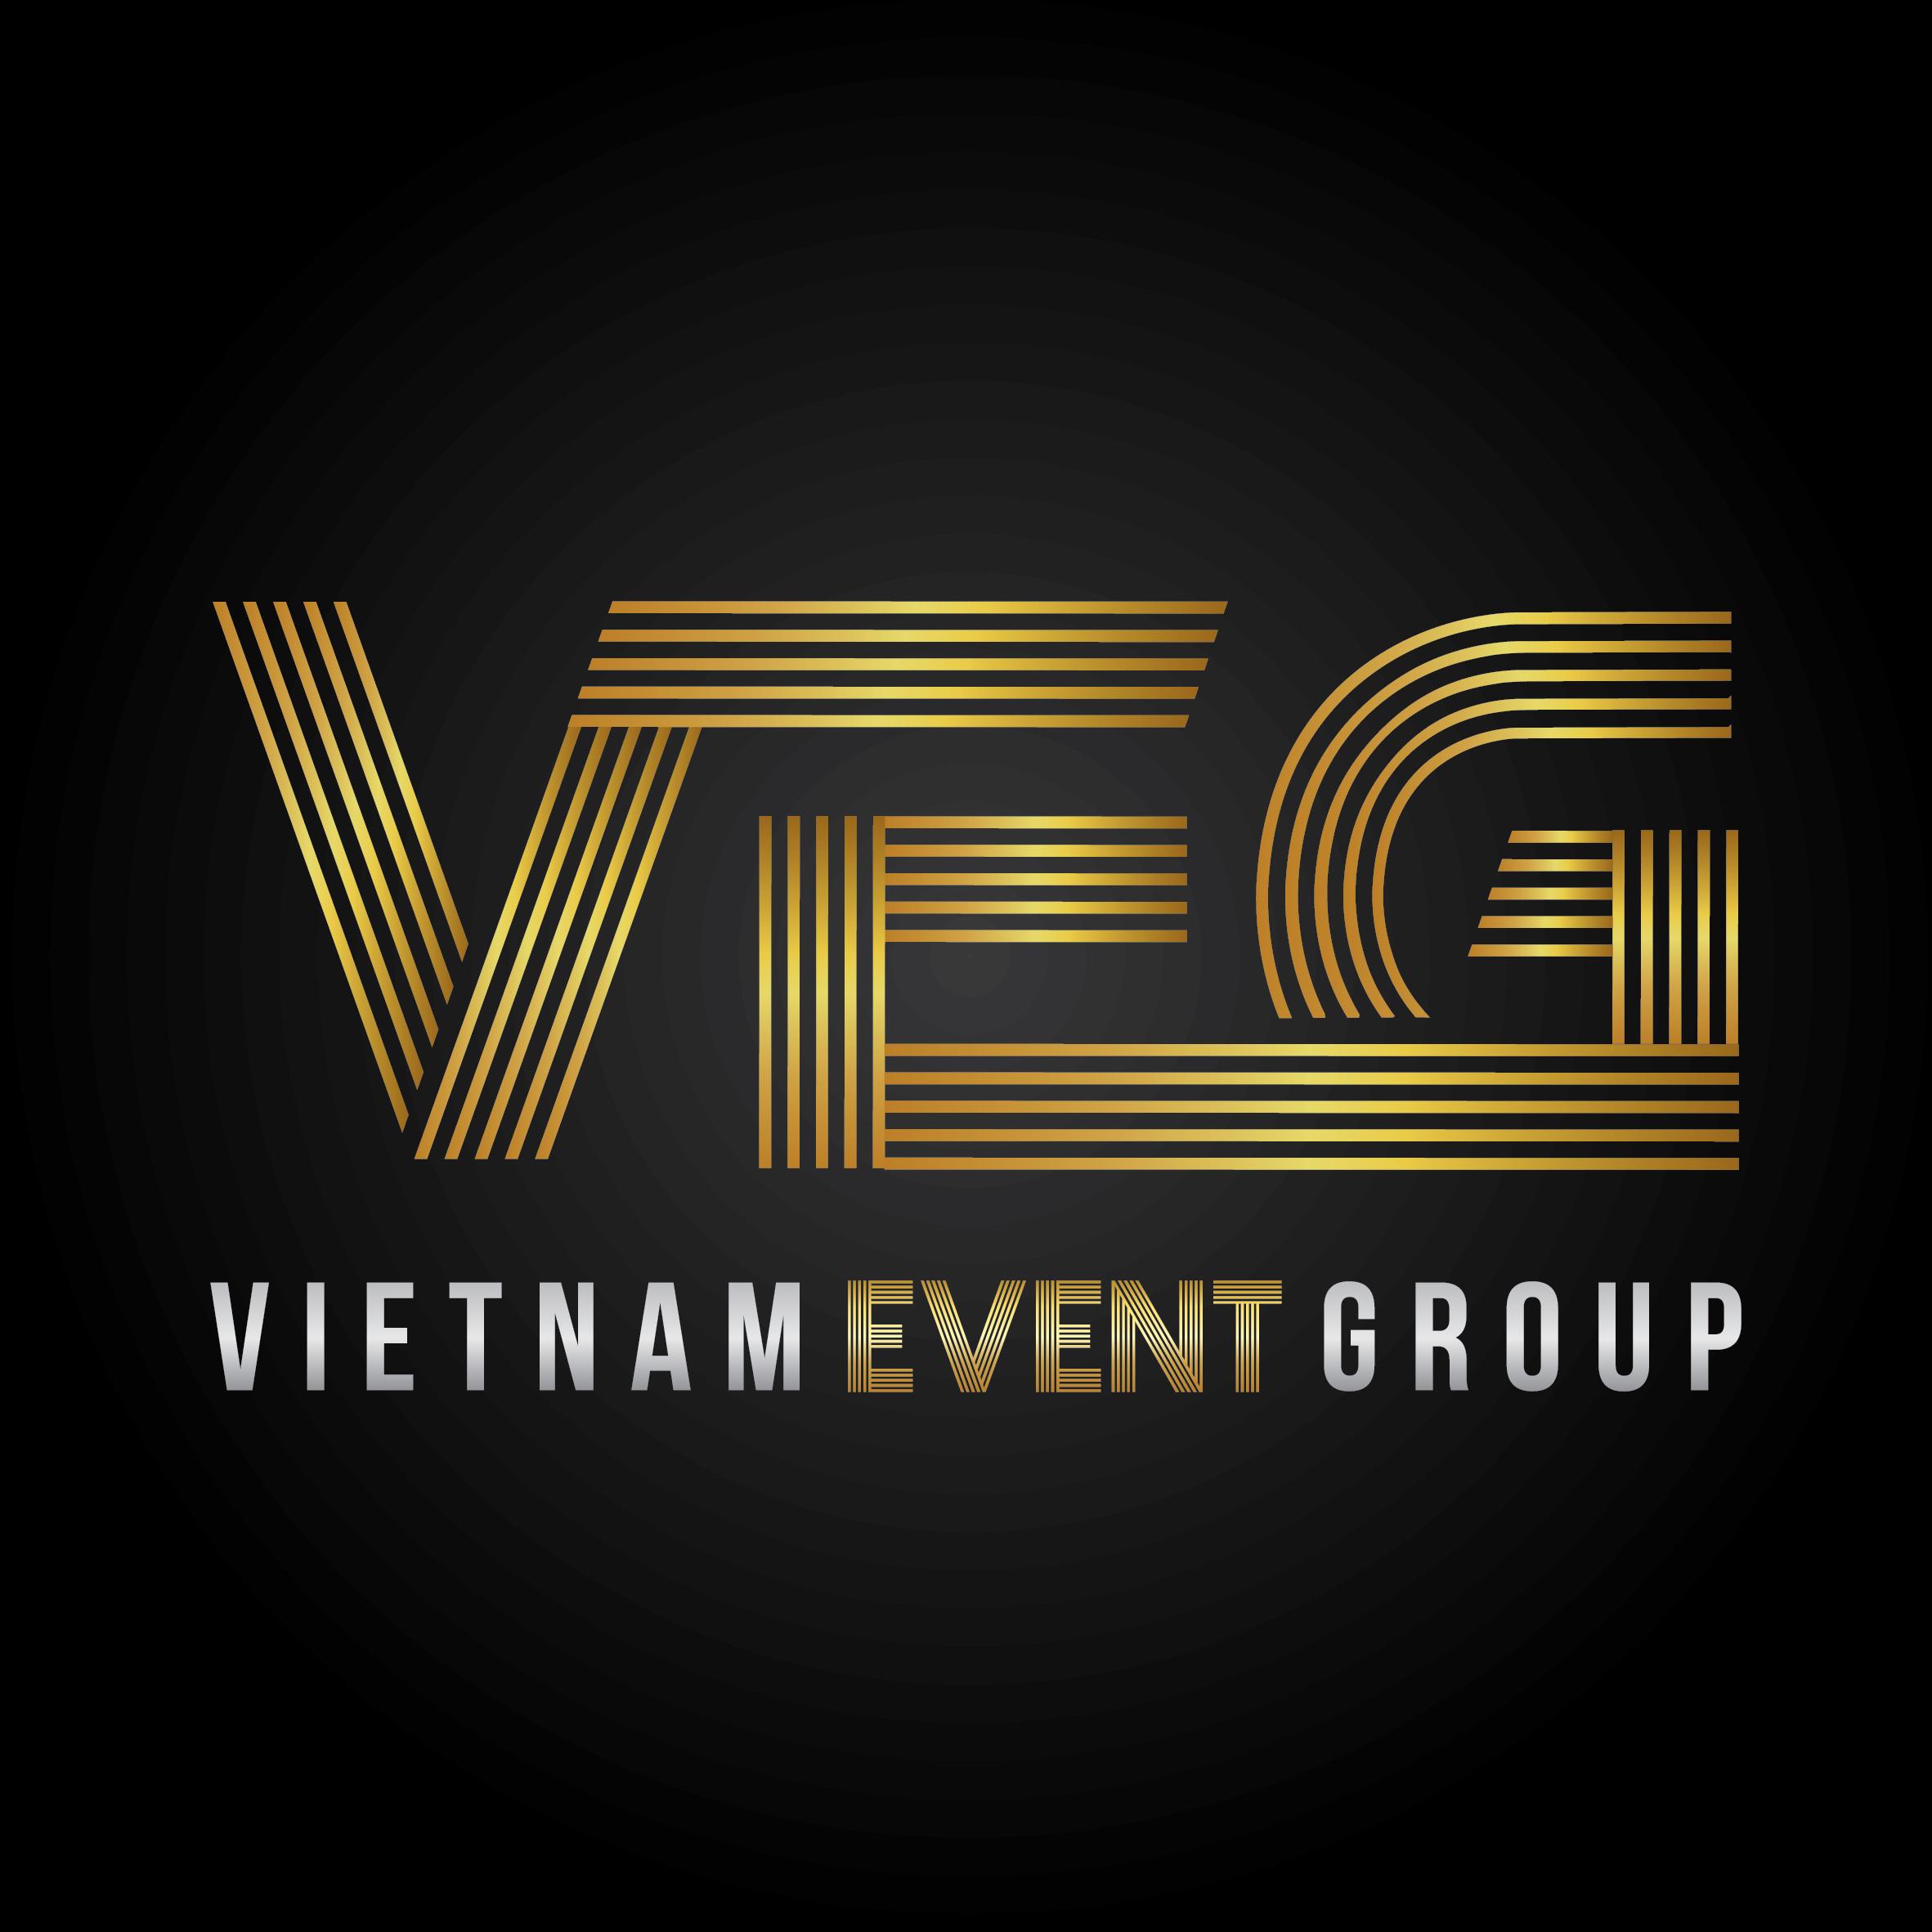 VietNam Event Group - VEG Logo